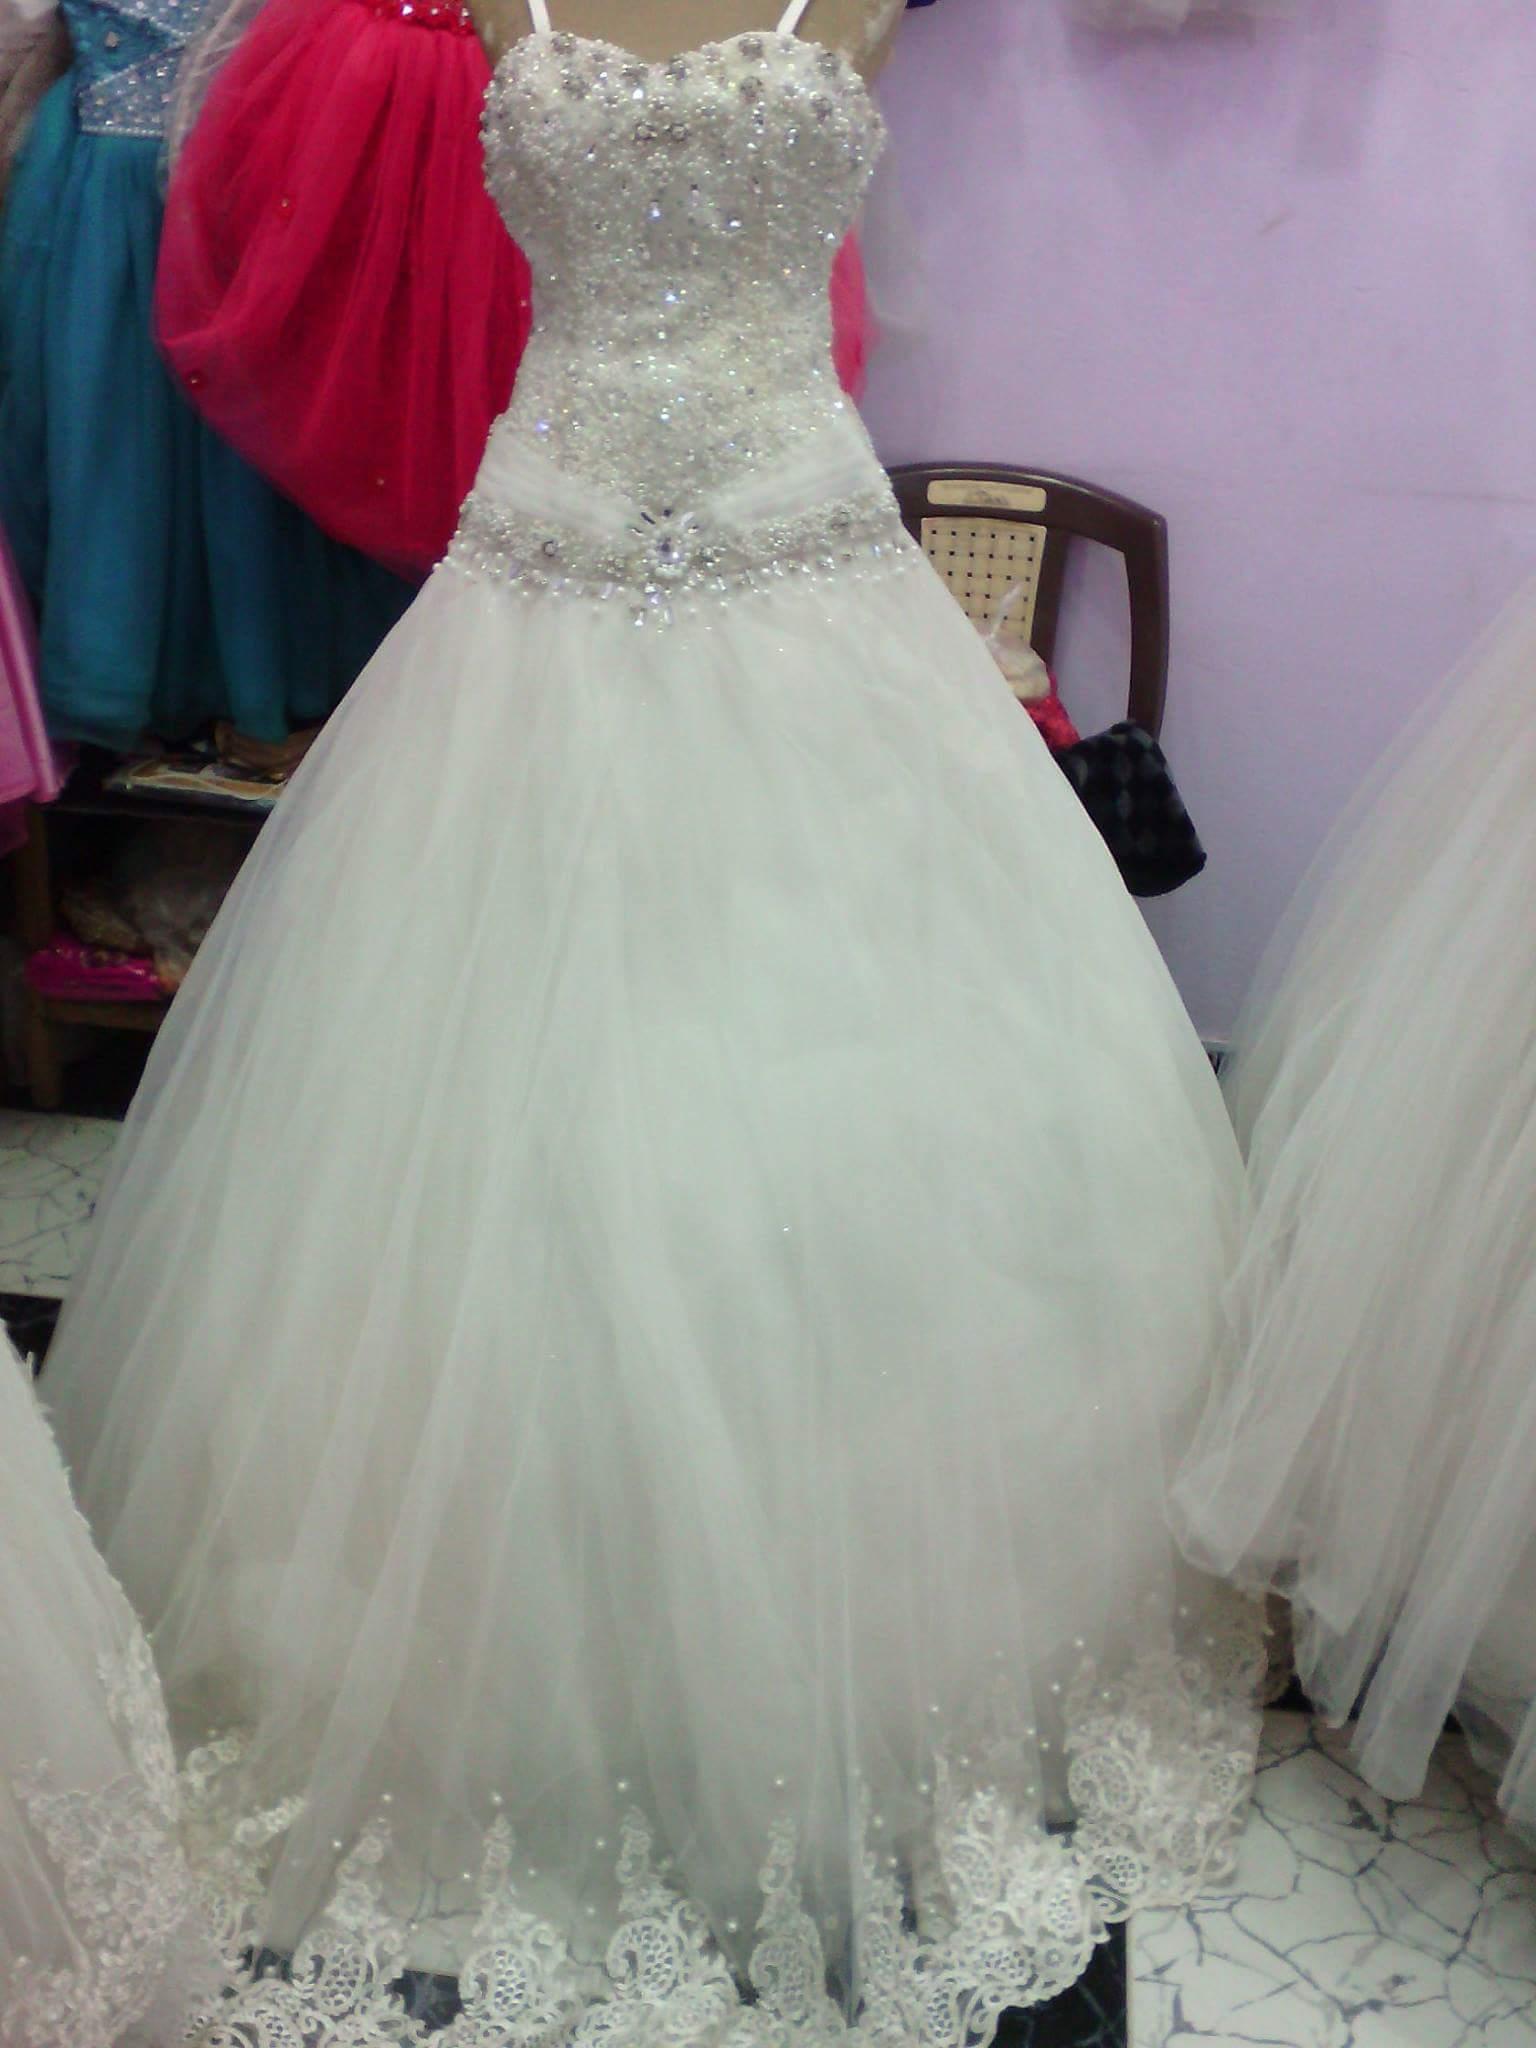 4450ca7f4e405 فستان زفاف للبيع - مول منتدى سيدات الإمارات